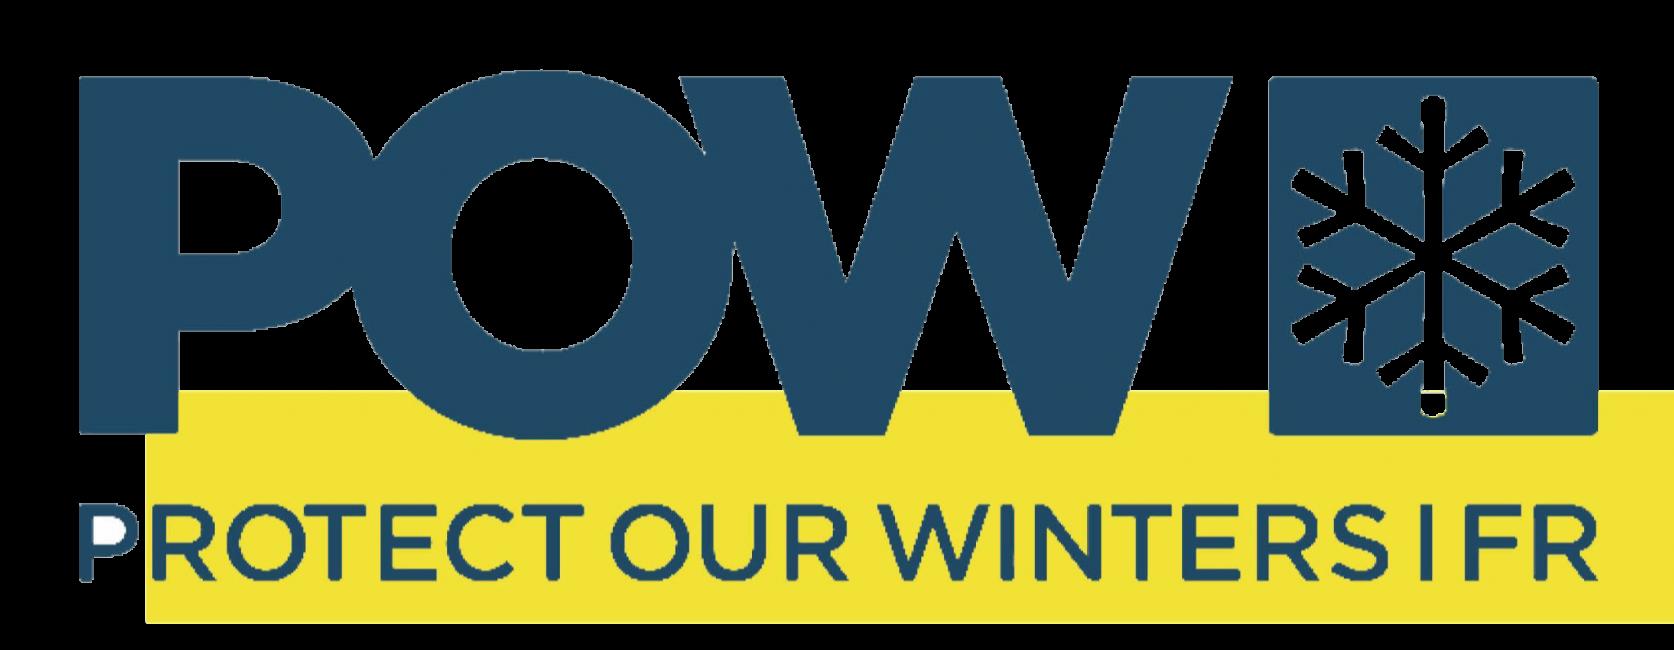 Comment Protect Our Winter veut peser sur les élections régionales